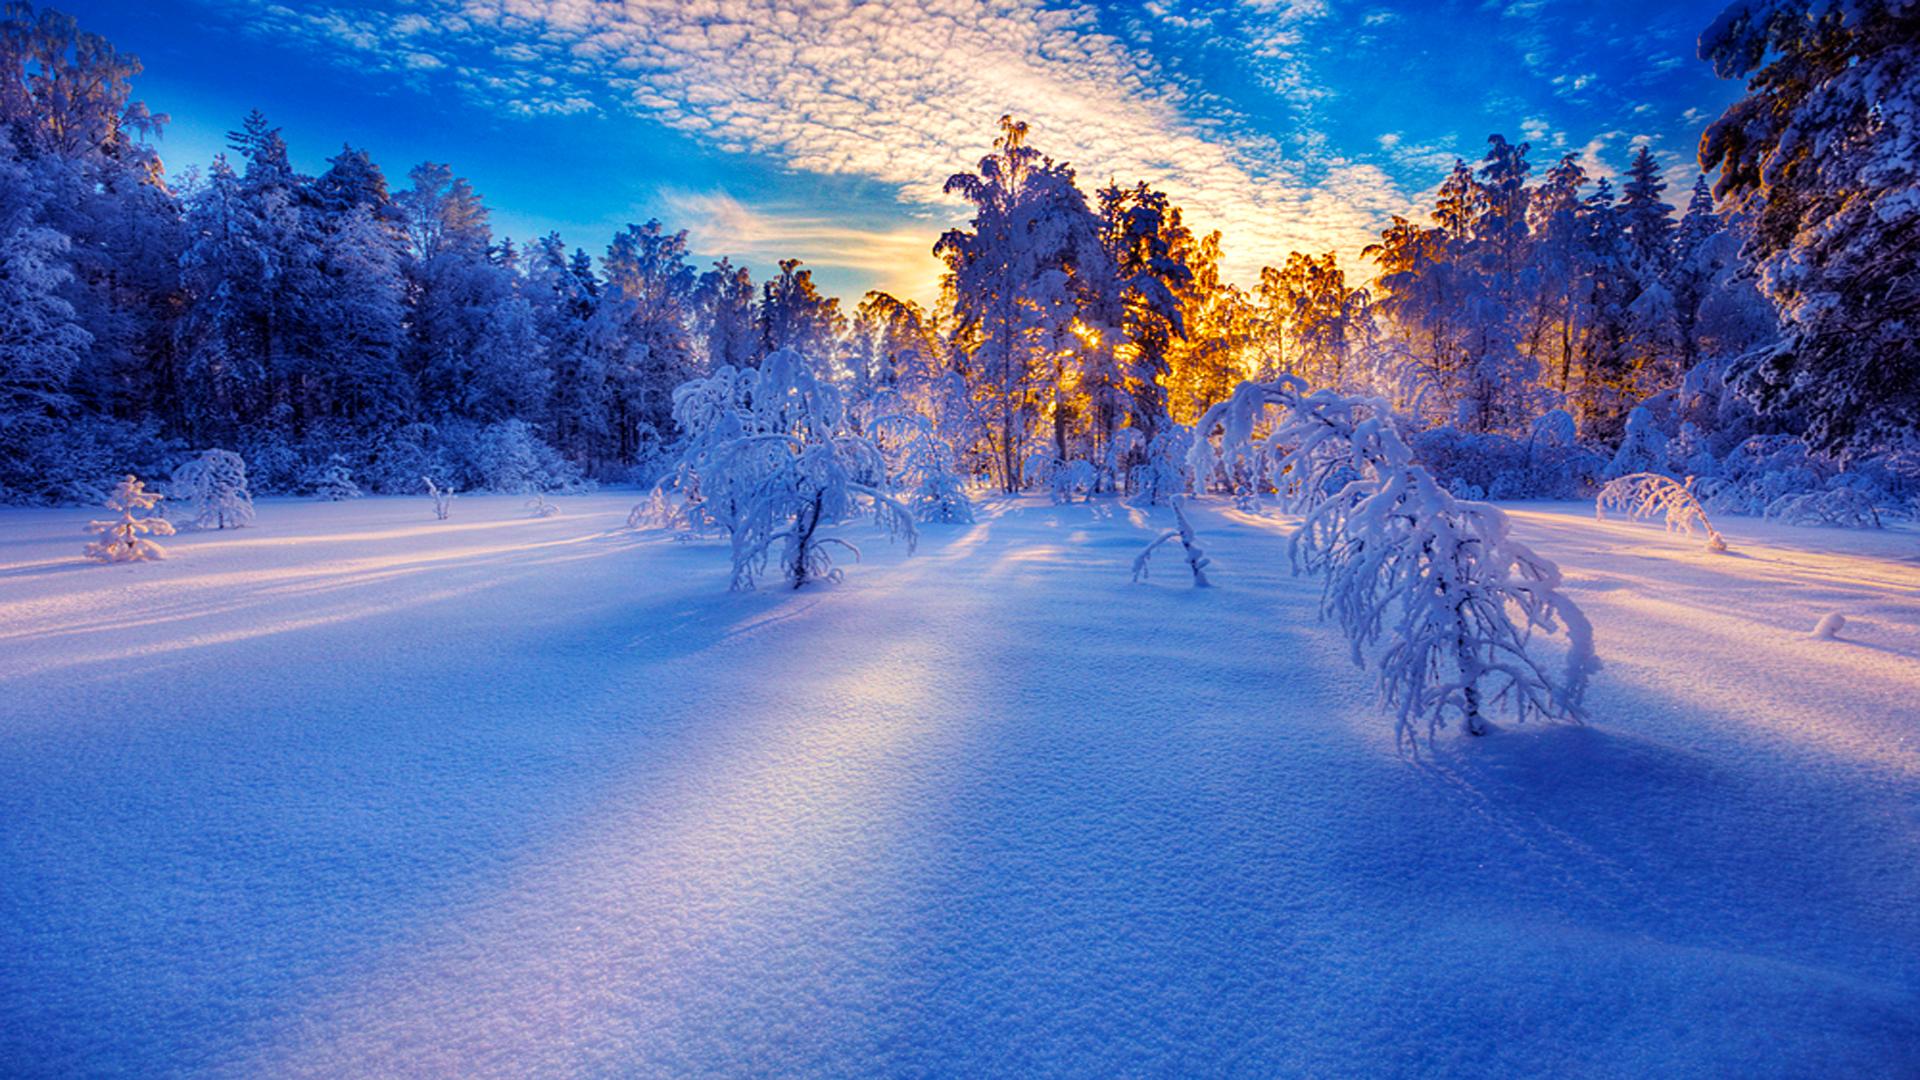 обои зима снежинки для рабочего стола